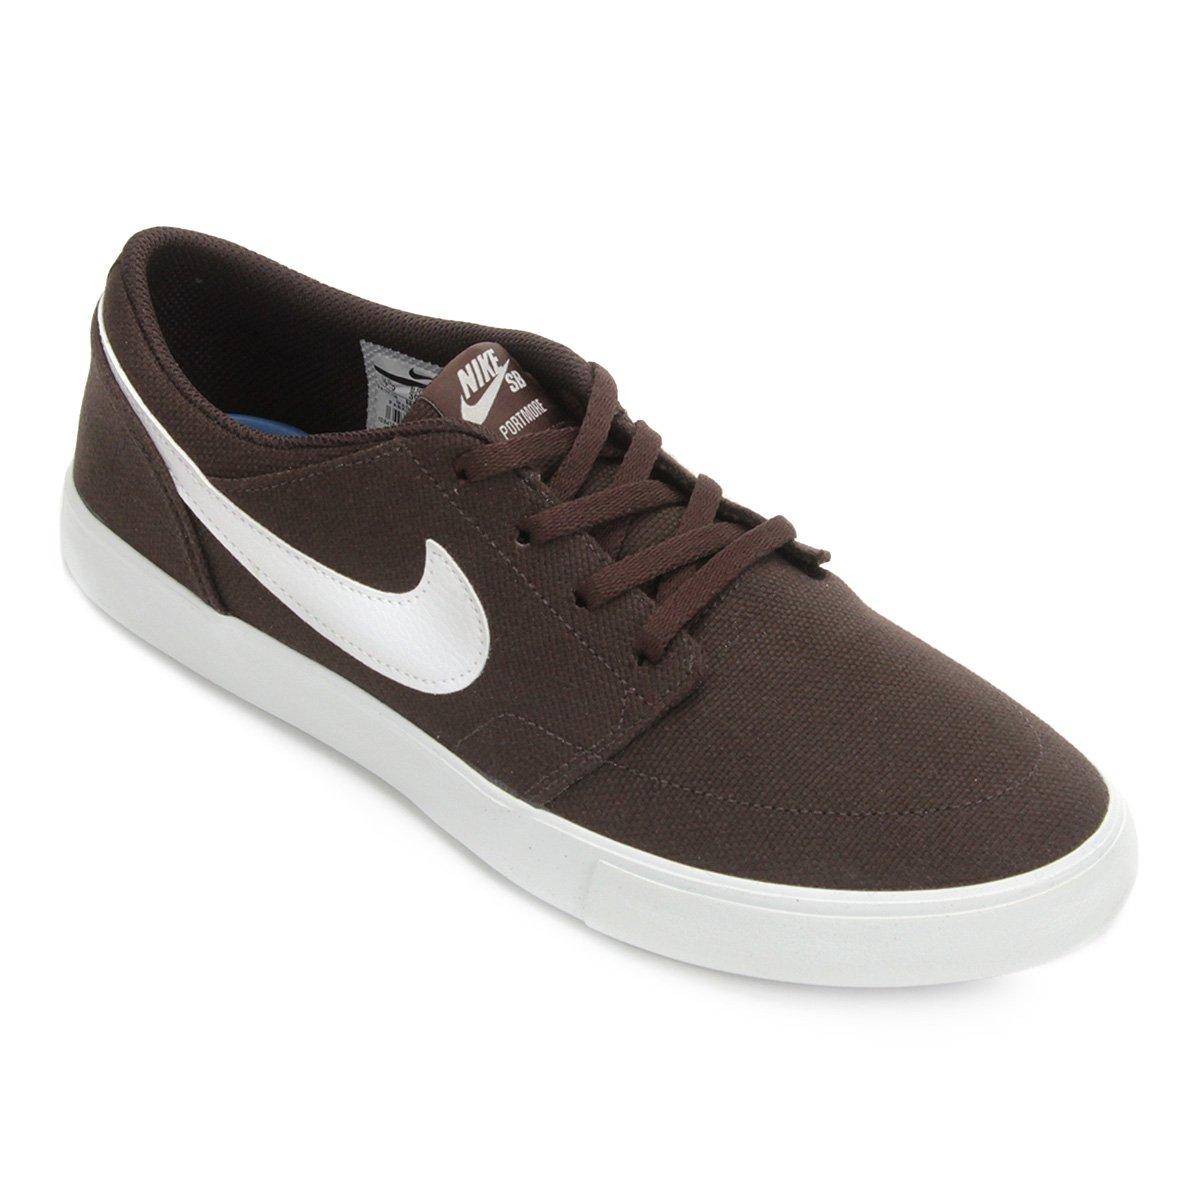 d9c0c135e8 Tênis Nike Sb Portmore Solar Masculino - Branco e Cinza - Compre ...